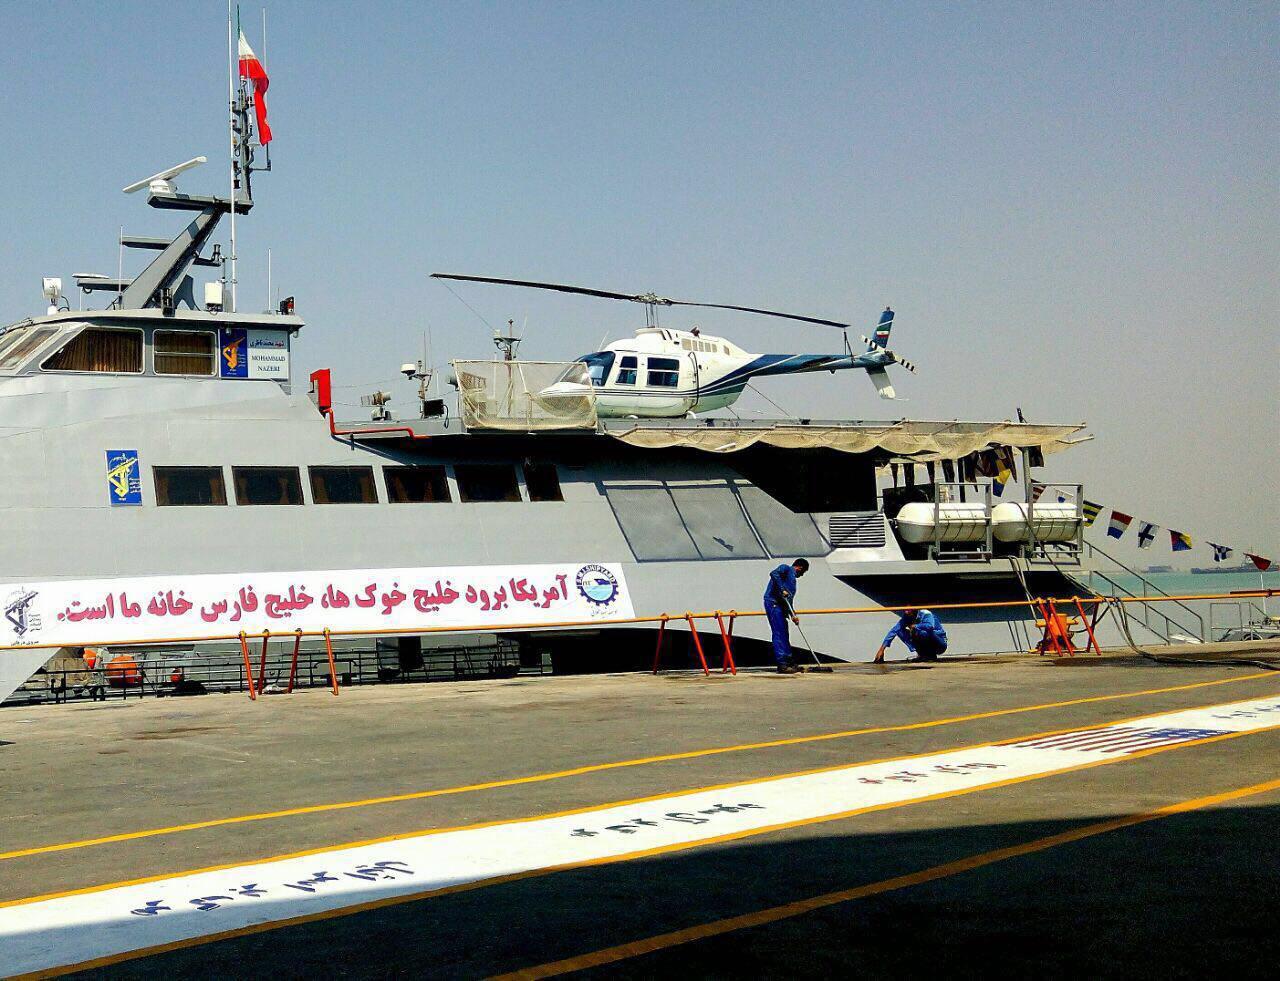 آغاز ساخت تجهیزات برای حضور سپاه در آب های آزاد